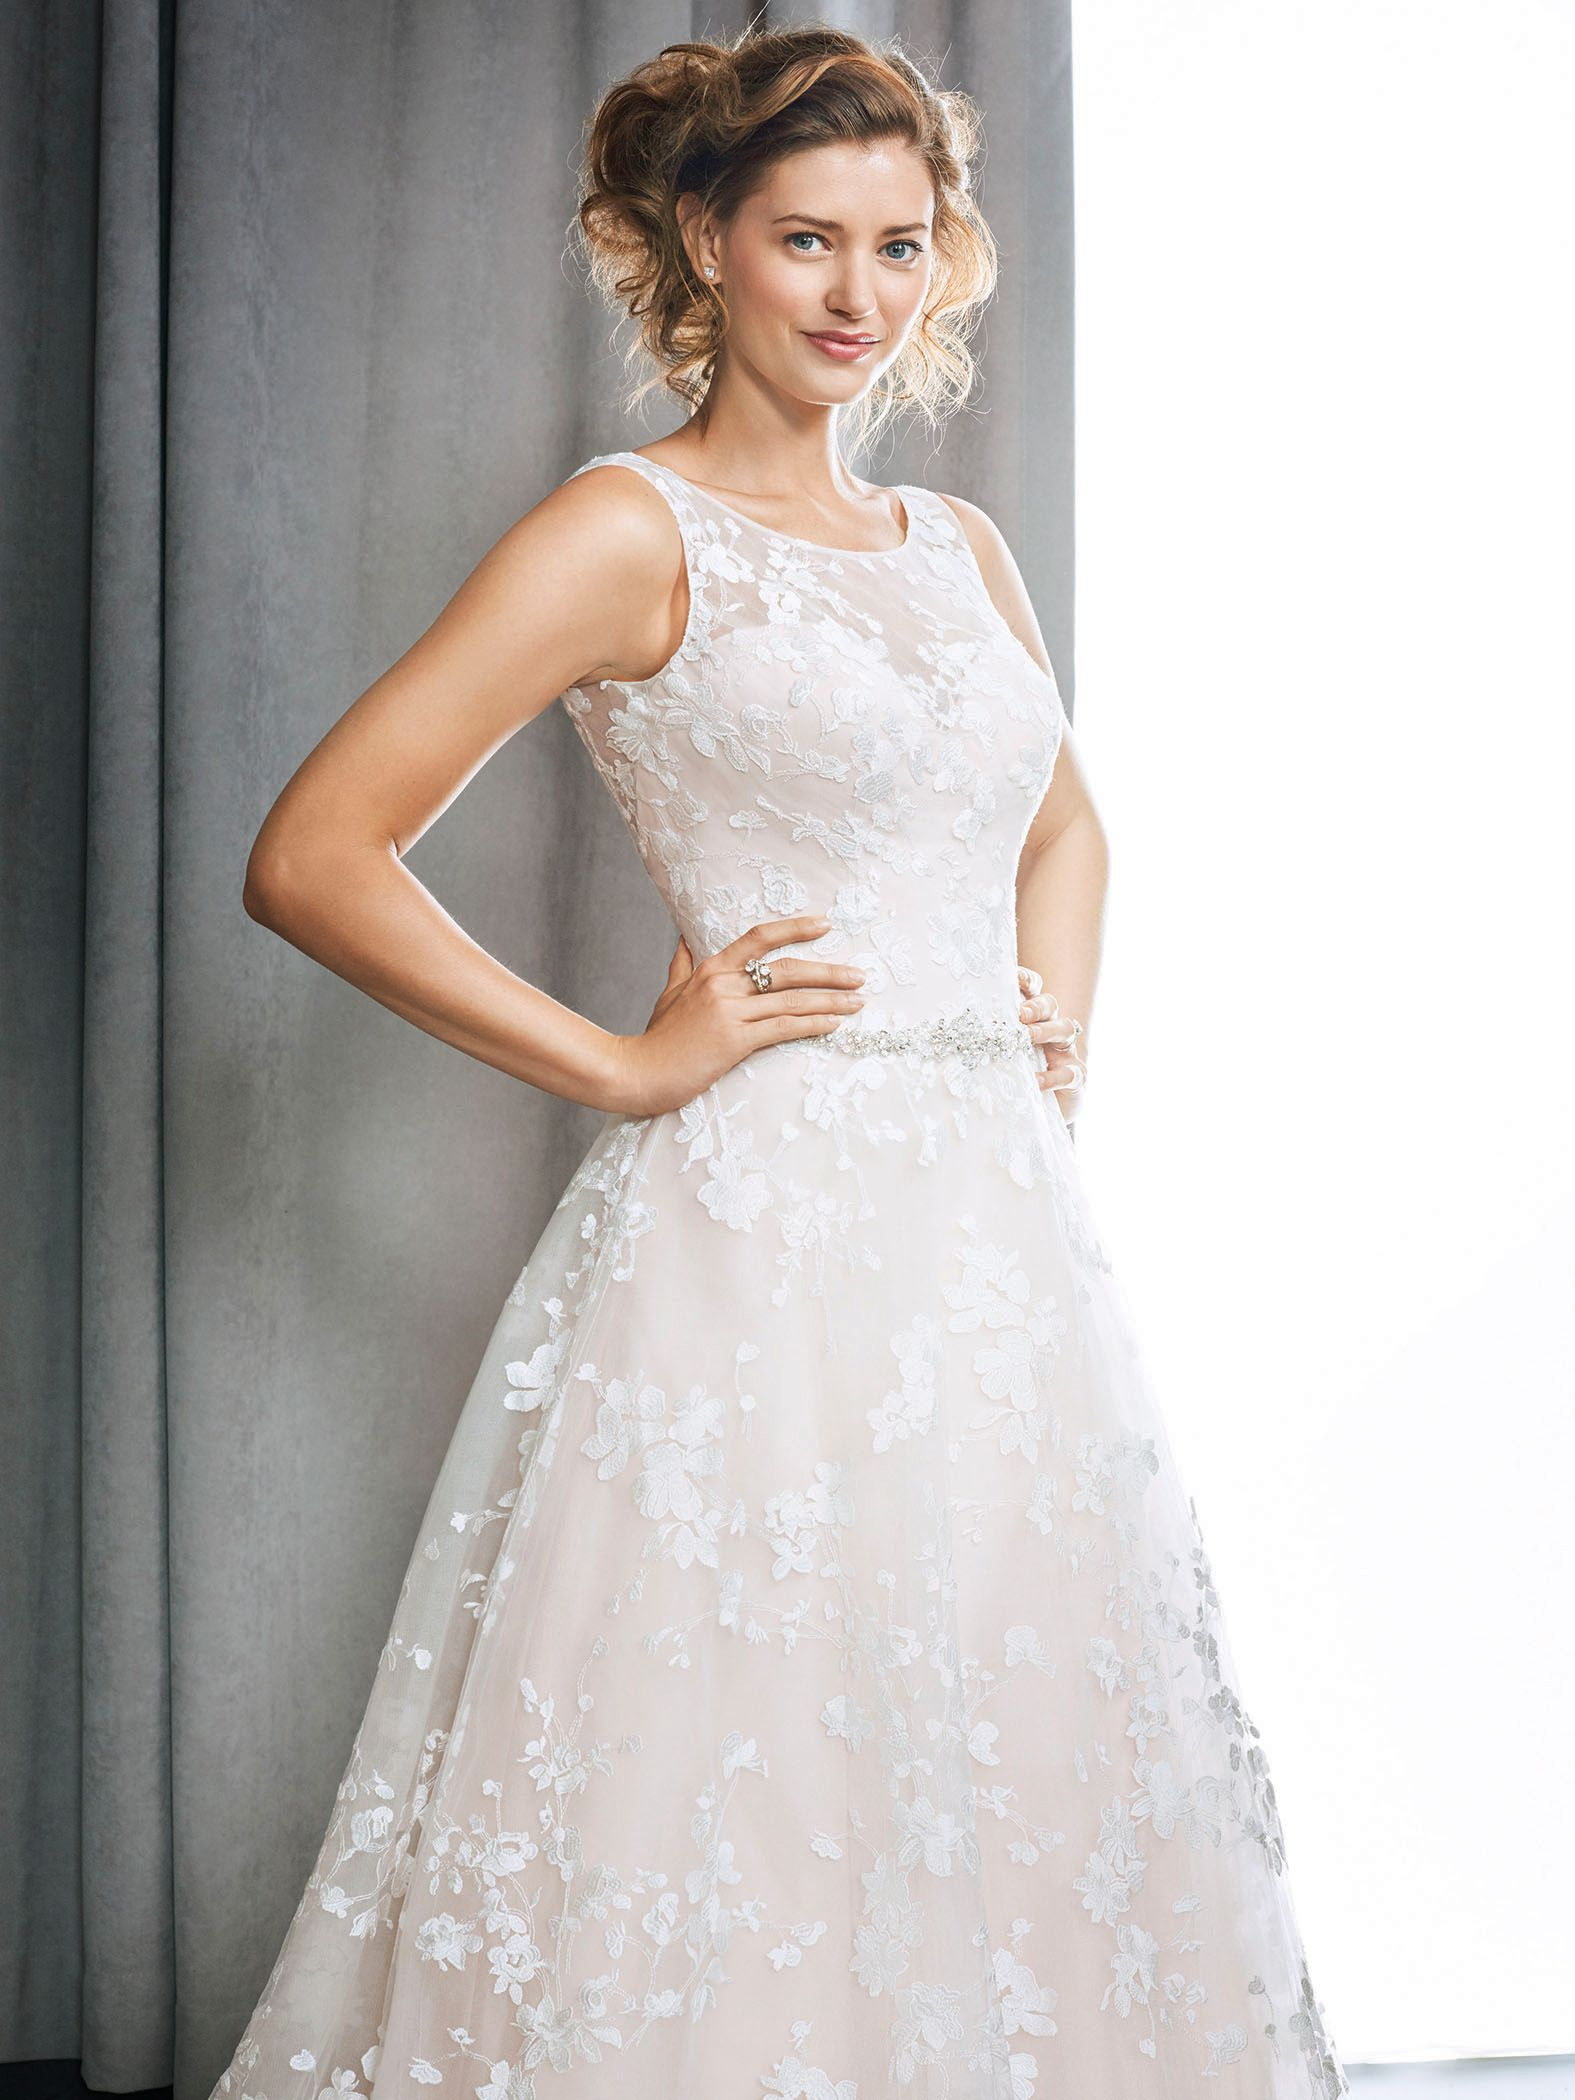 Winston Style 1694 dreamy wedding dress with